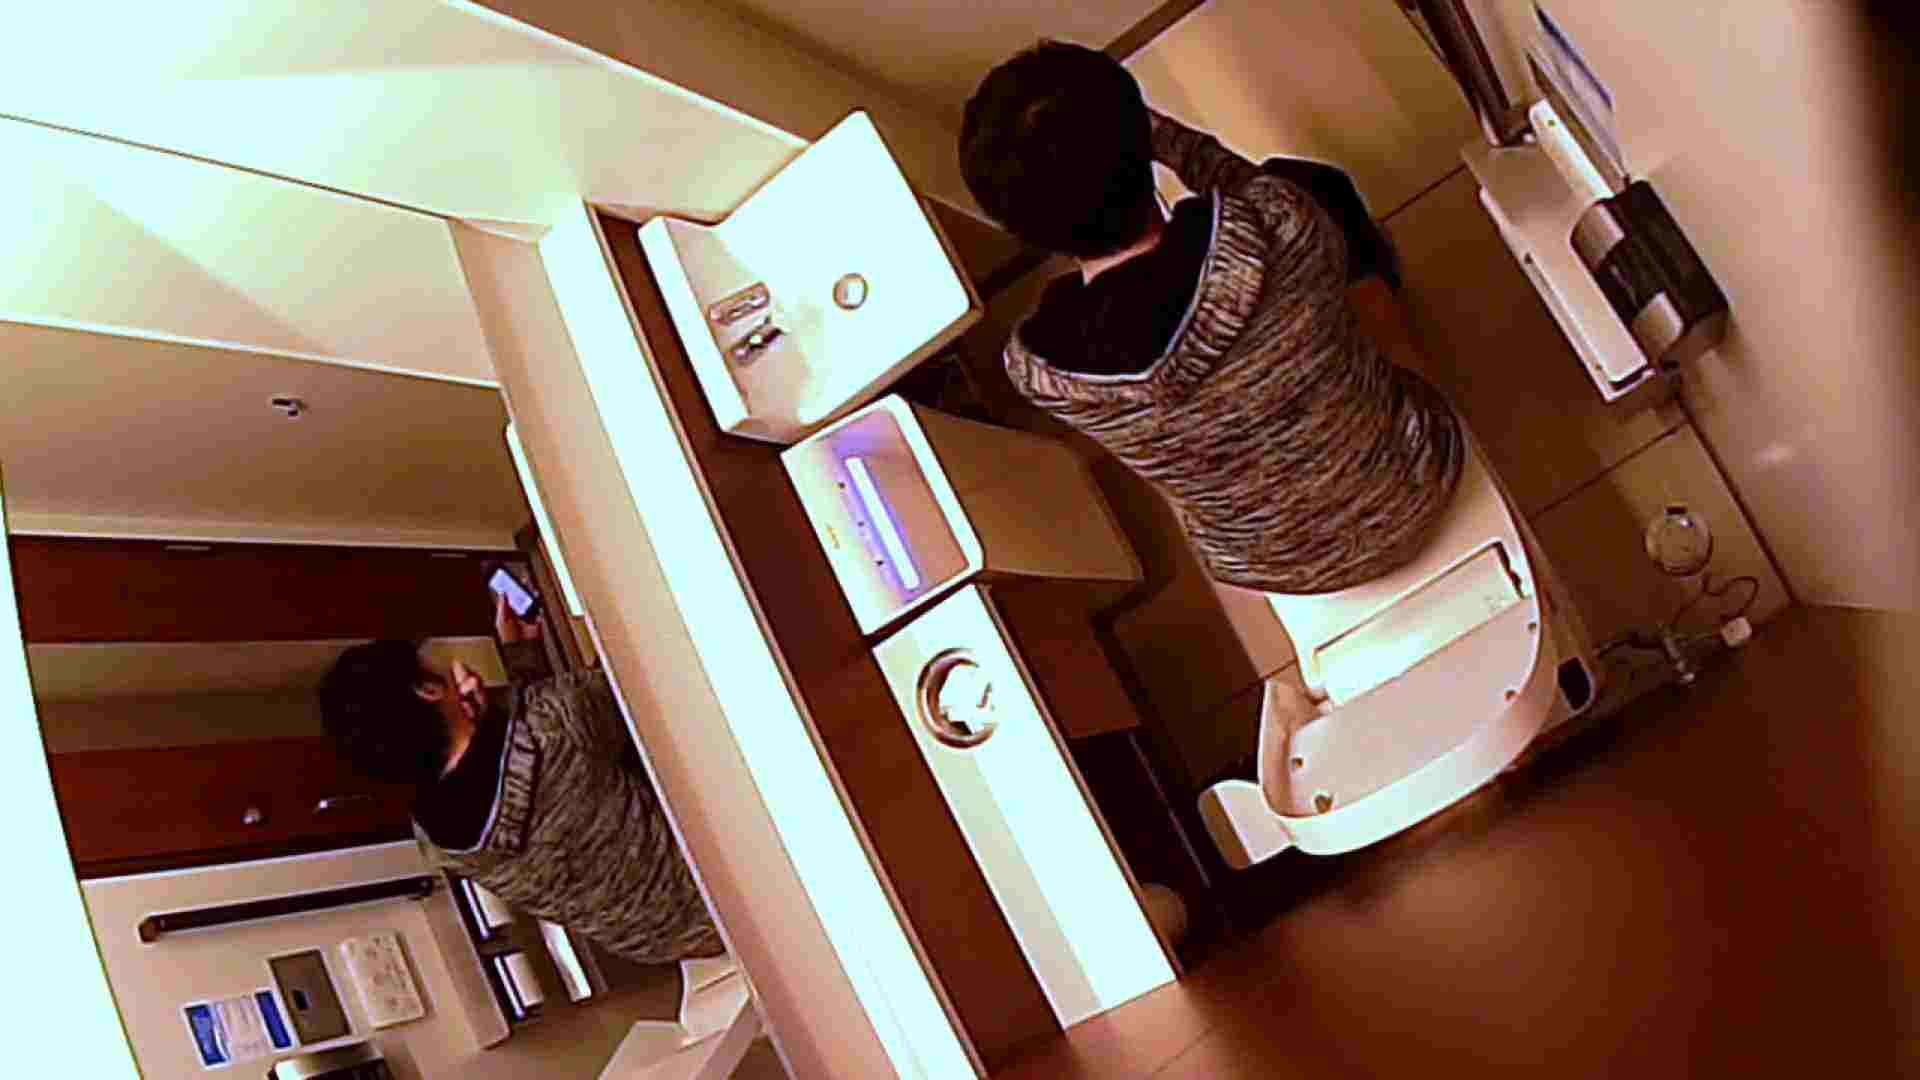 イケメンの素顔in洗面所 Vol.03 丸見え動画 | ボーイズうんこ  107pic 3